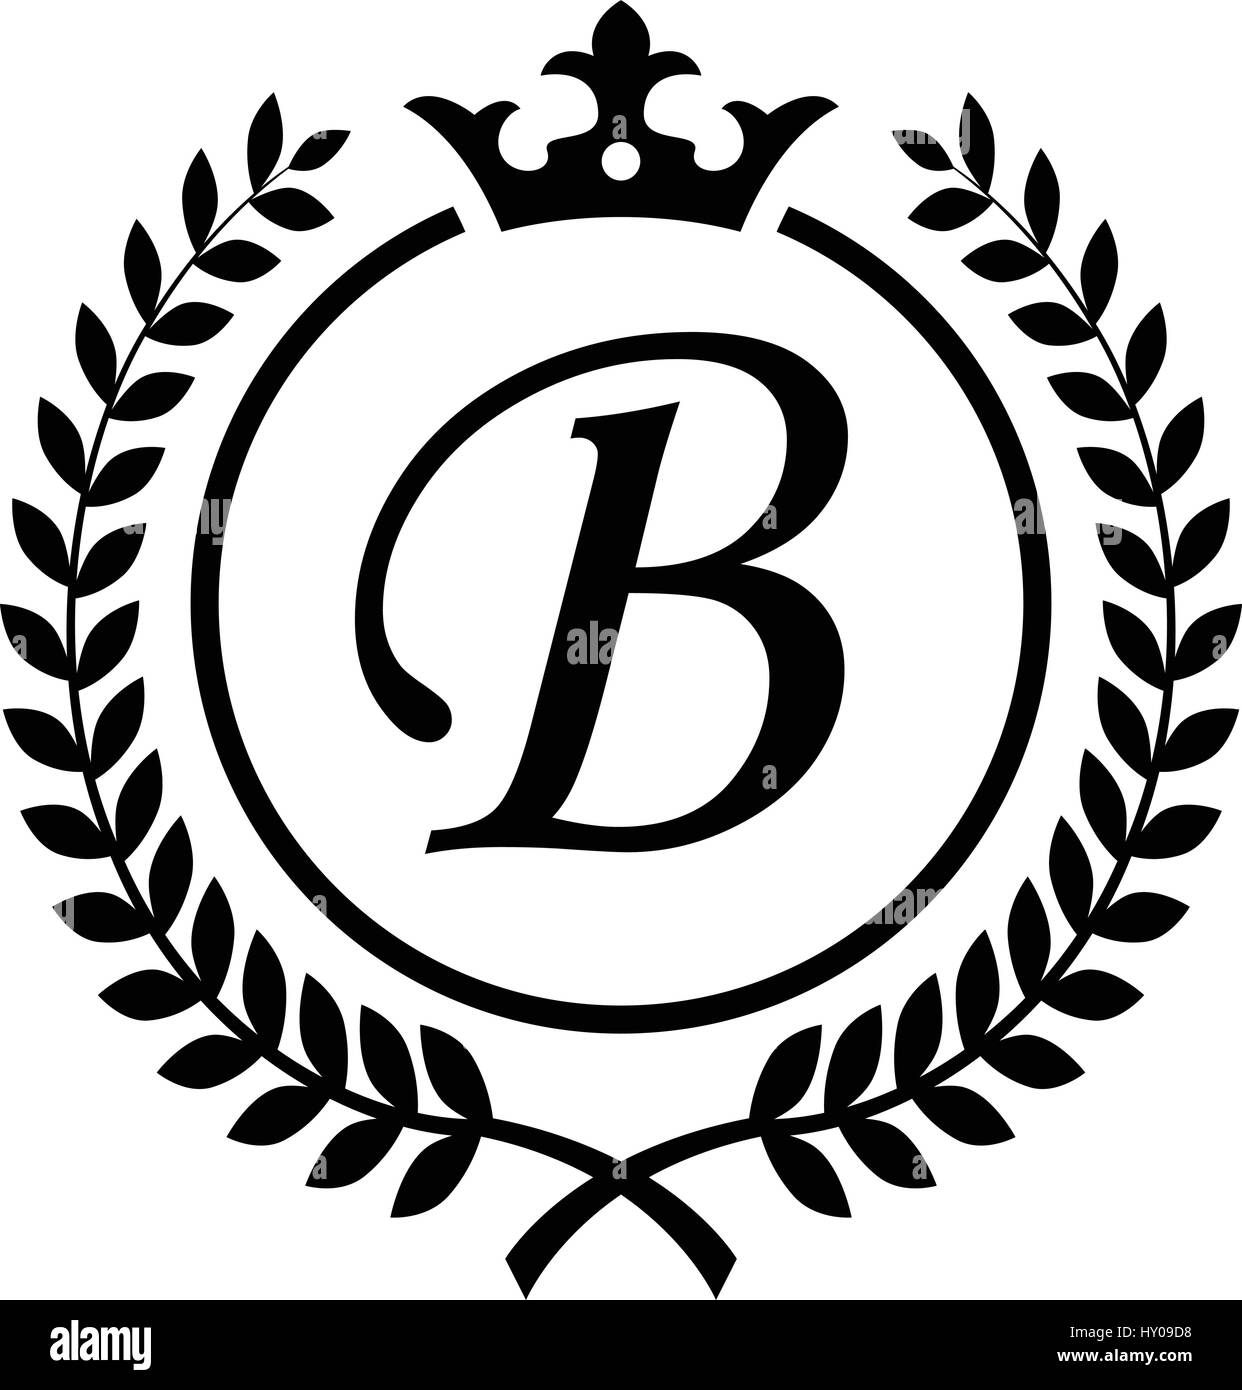 Vintage letter b initial inside laurel wreath symbol design stock